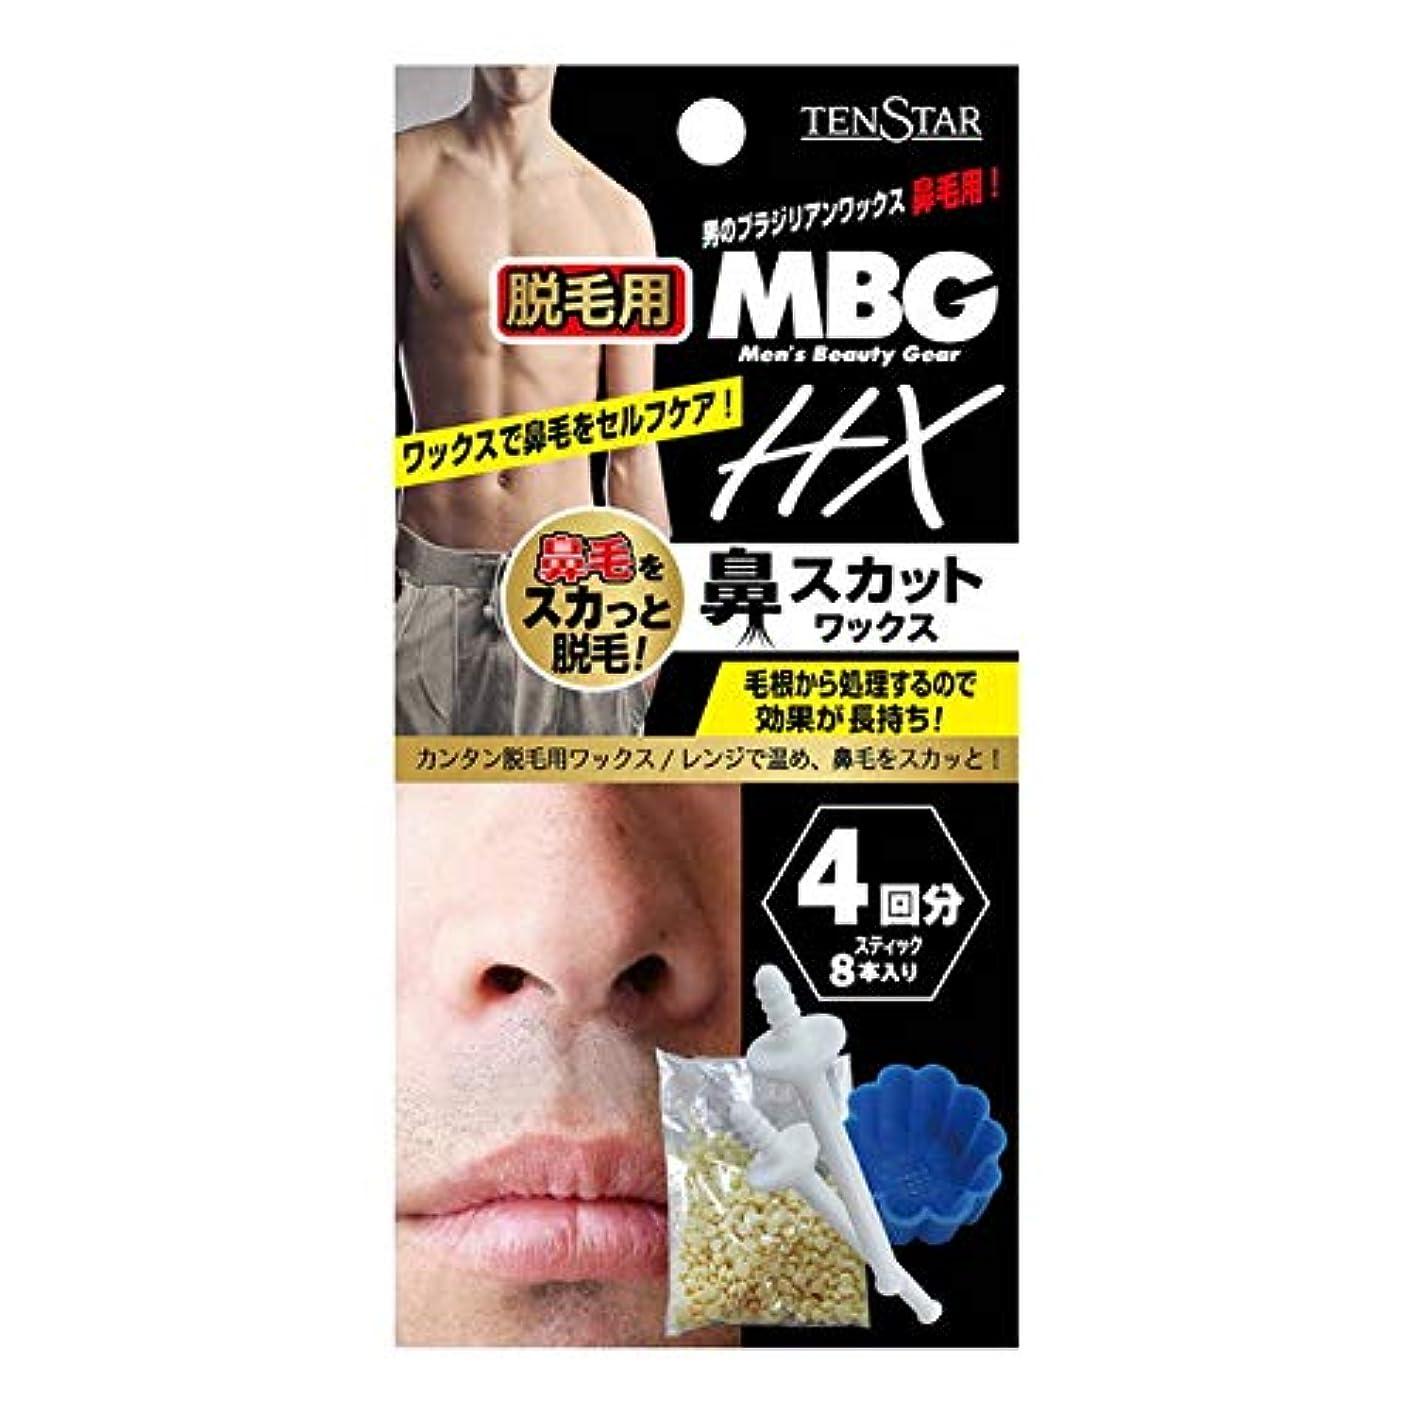 量で優れたシーサイドMBG2-29 MBG HX鼻スカットワックス 20g